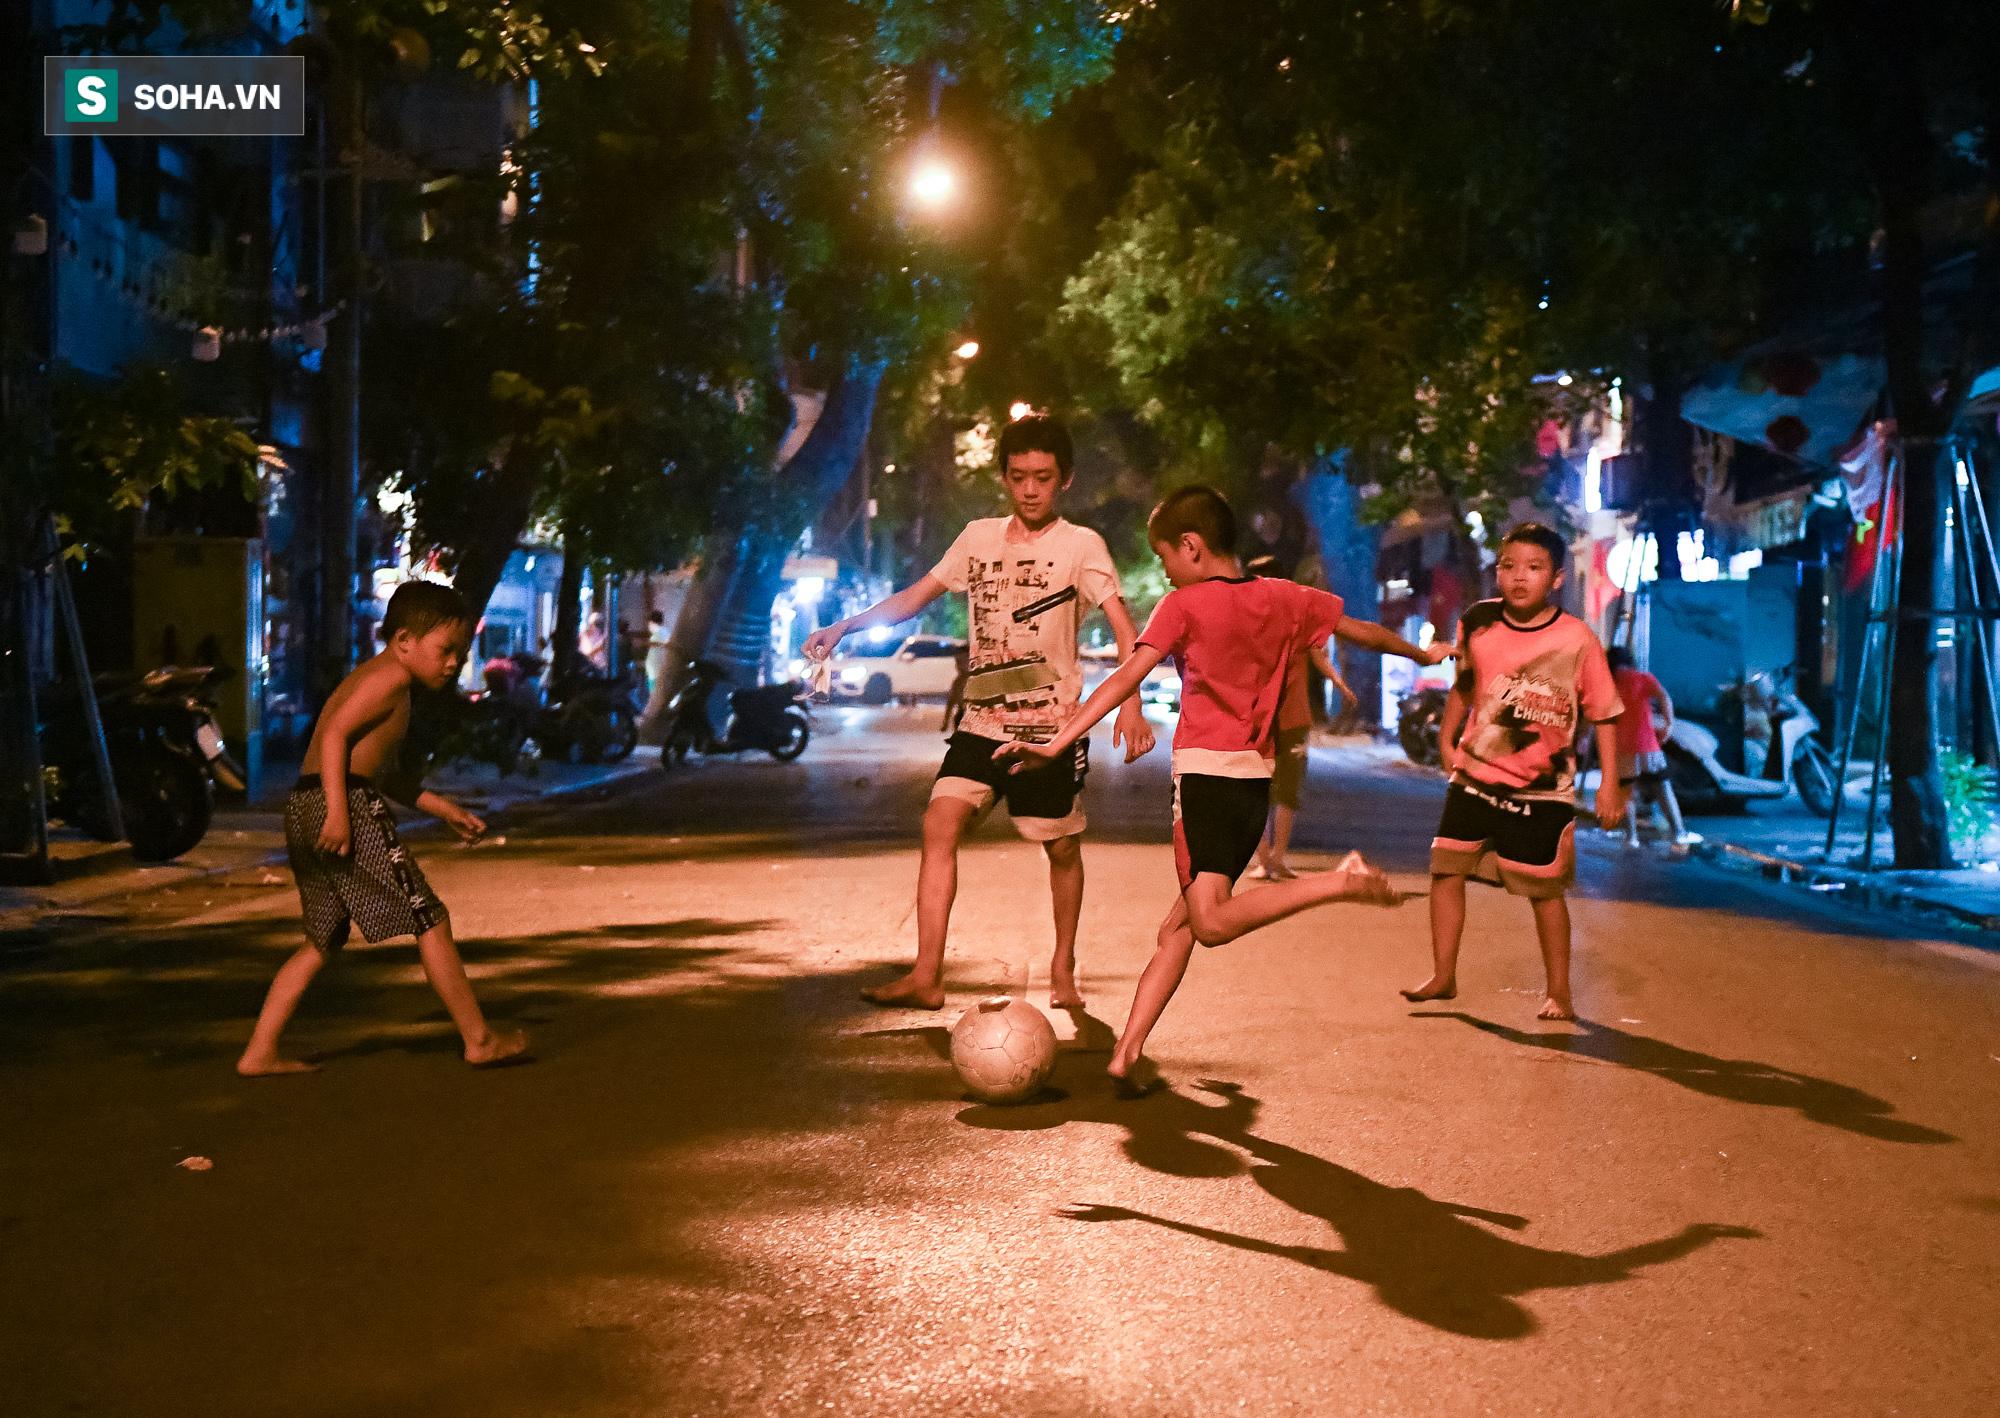 Dòng xe đông như hội nối đuôi nhau trên nhiều tuyến phố trung tâm thủ đô đêm Trung thu - Ảnh 6.